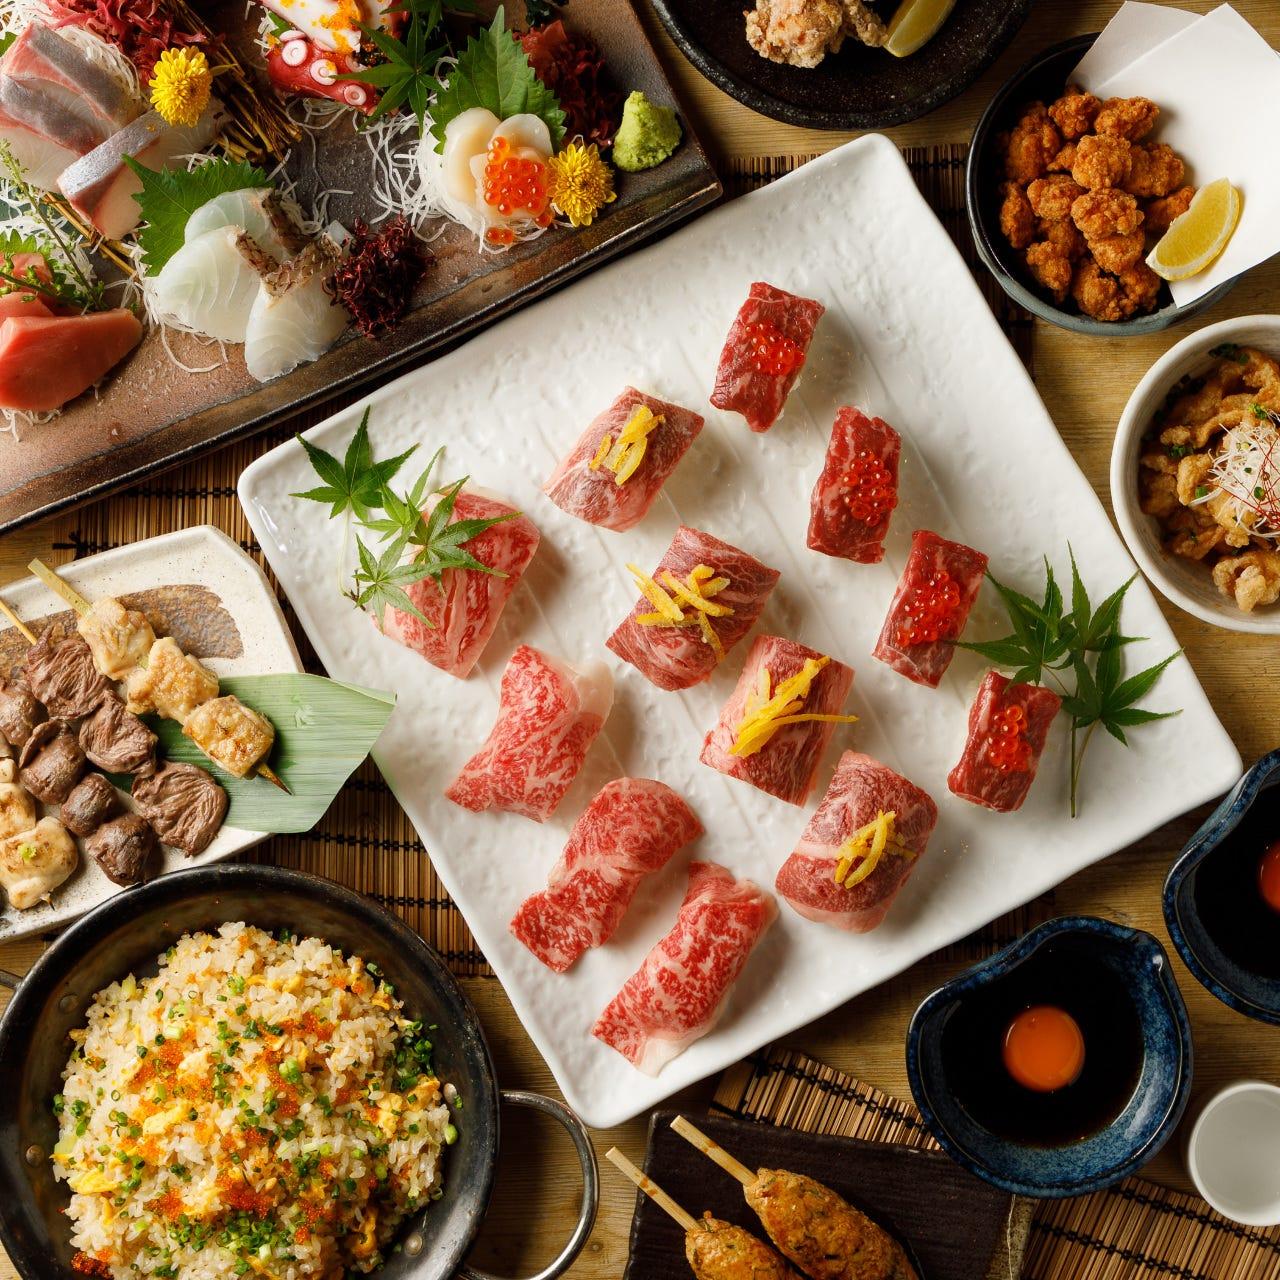 豪華☆国産和牛肉寿司3種食べ比べ♪ 『minehachi-極-コース』3時間飲み放題9品6500円⇒5500円